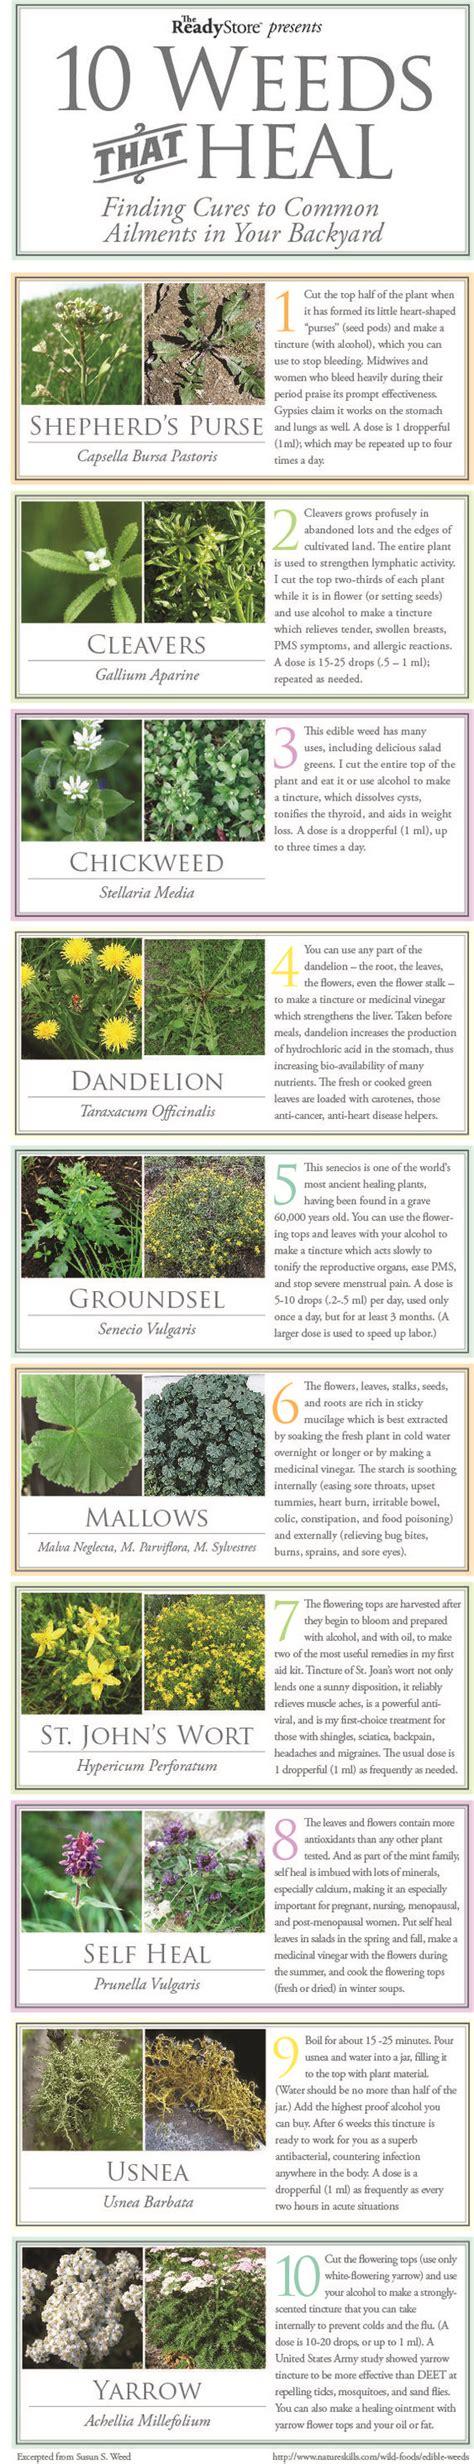 outdoor medical marijuana garden photos weed helps module